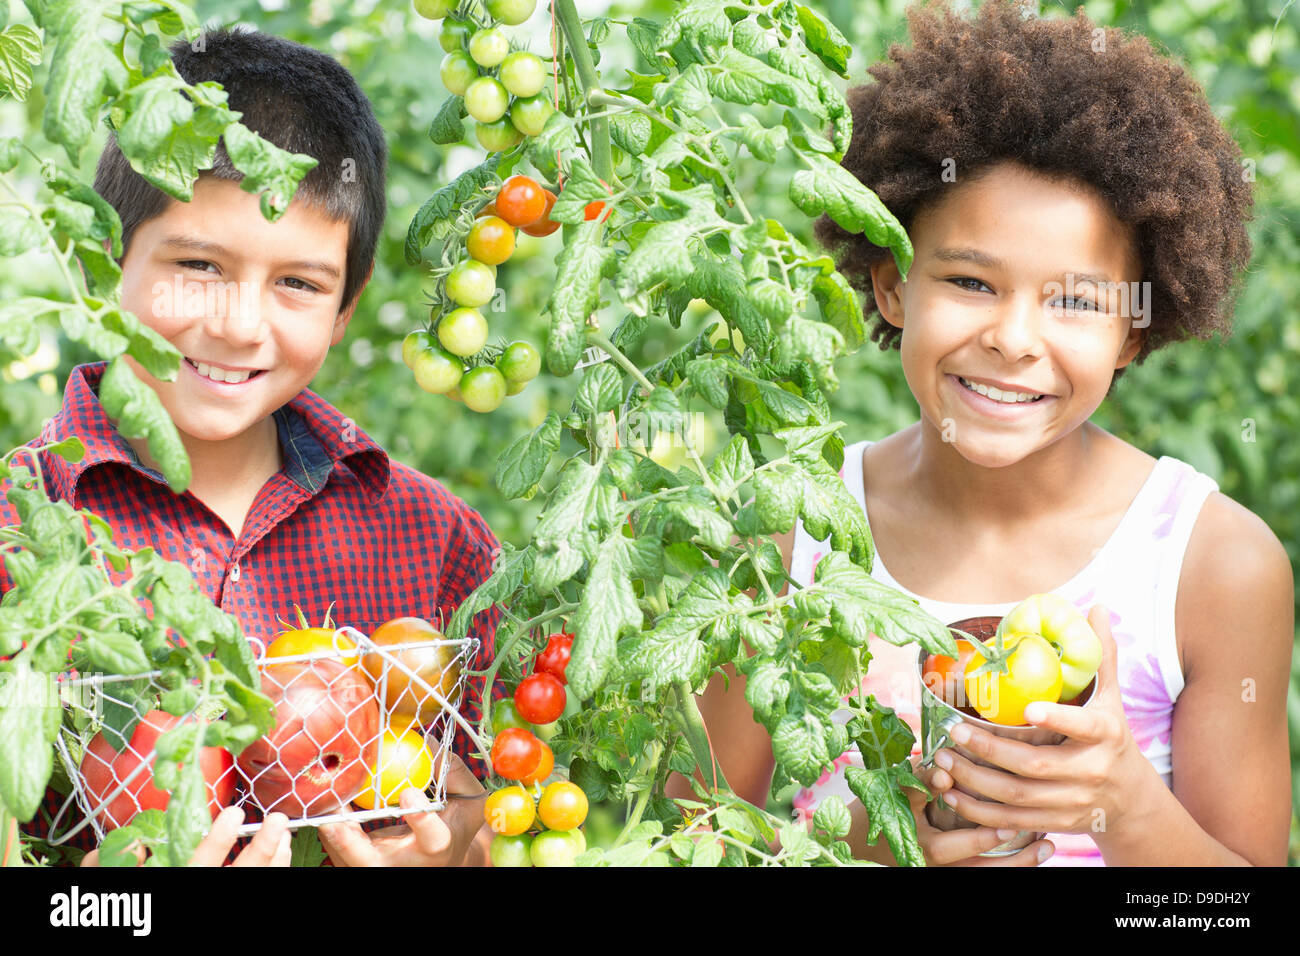 Tomates fraîches préparation Enfants Banque D'Images